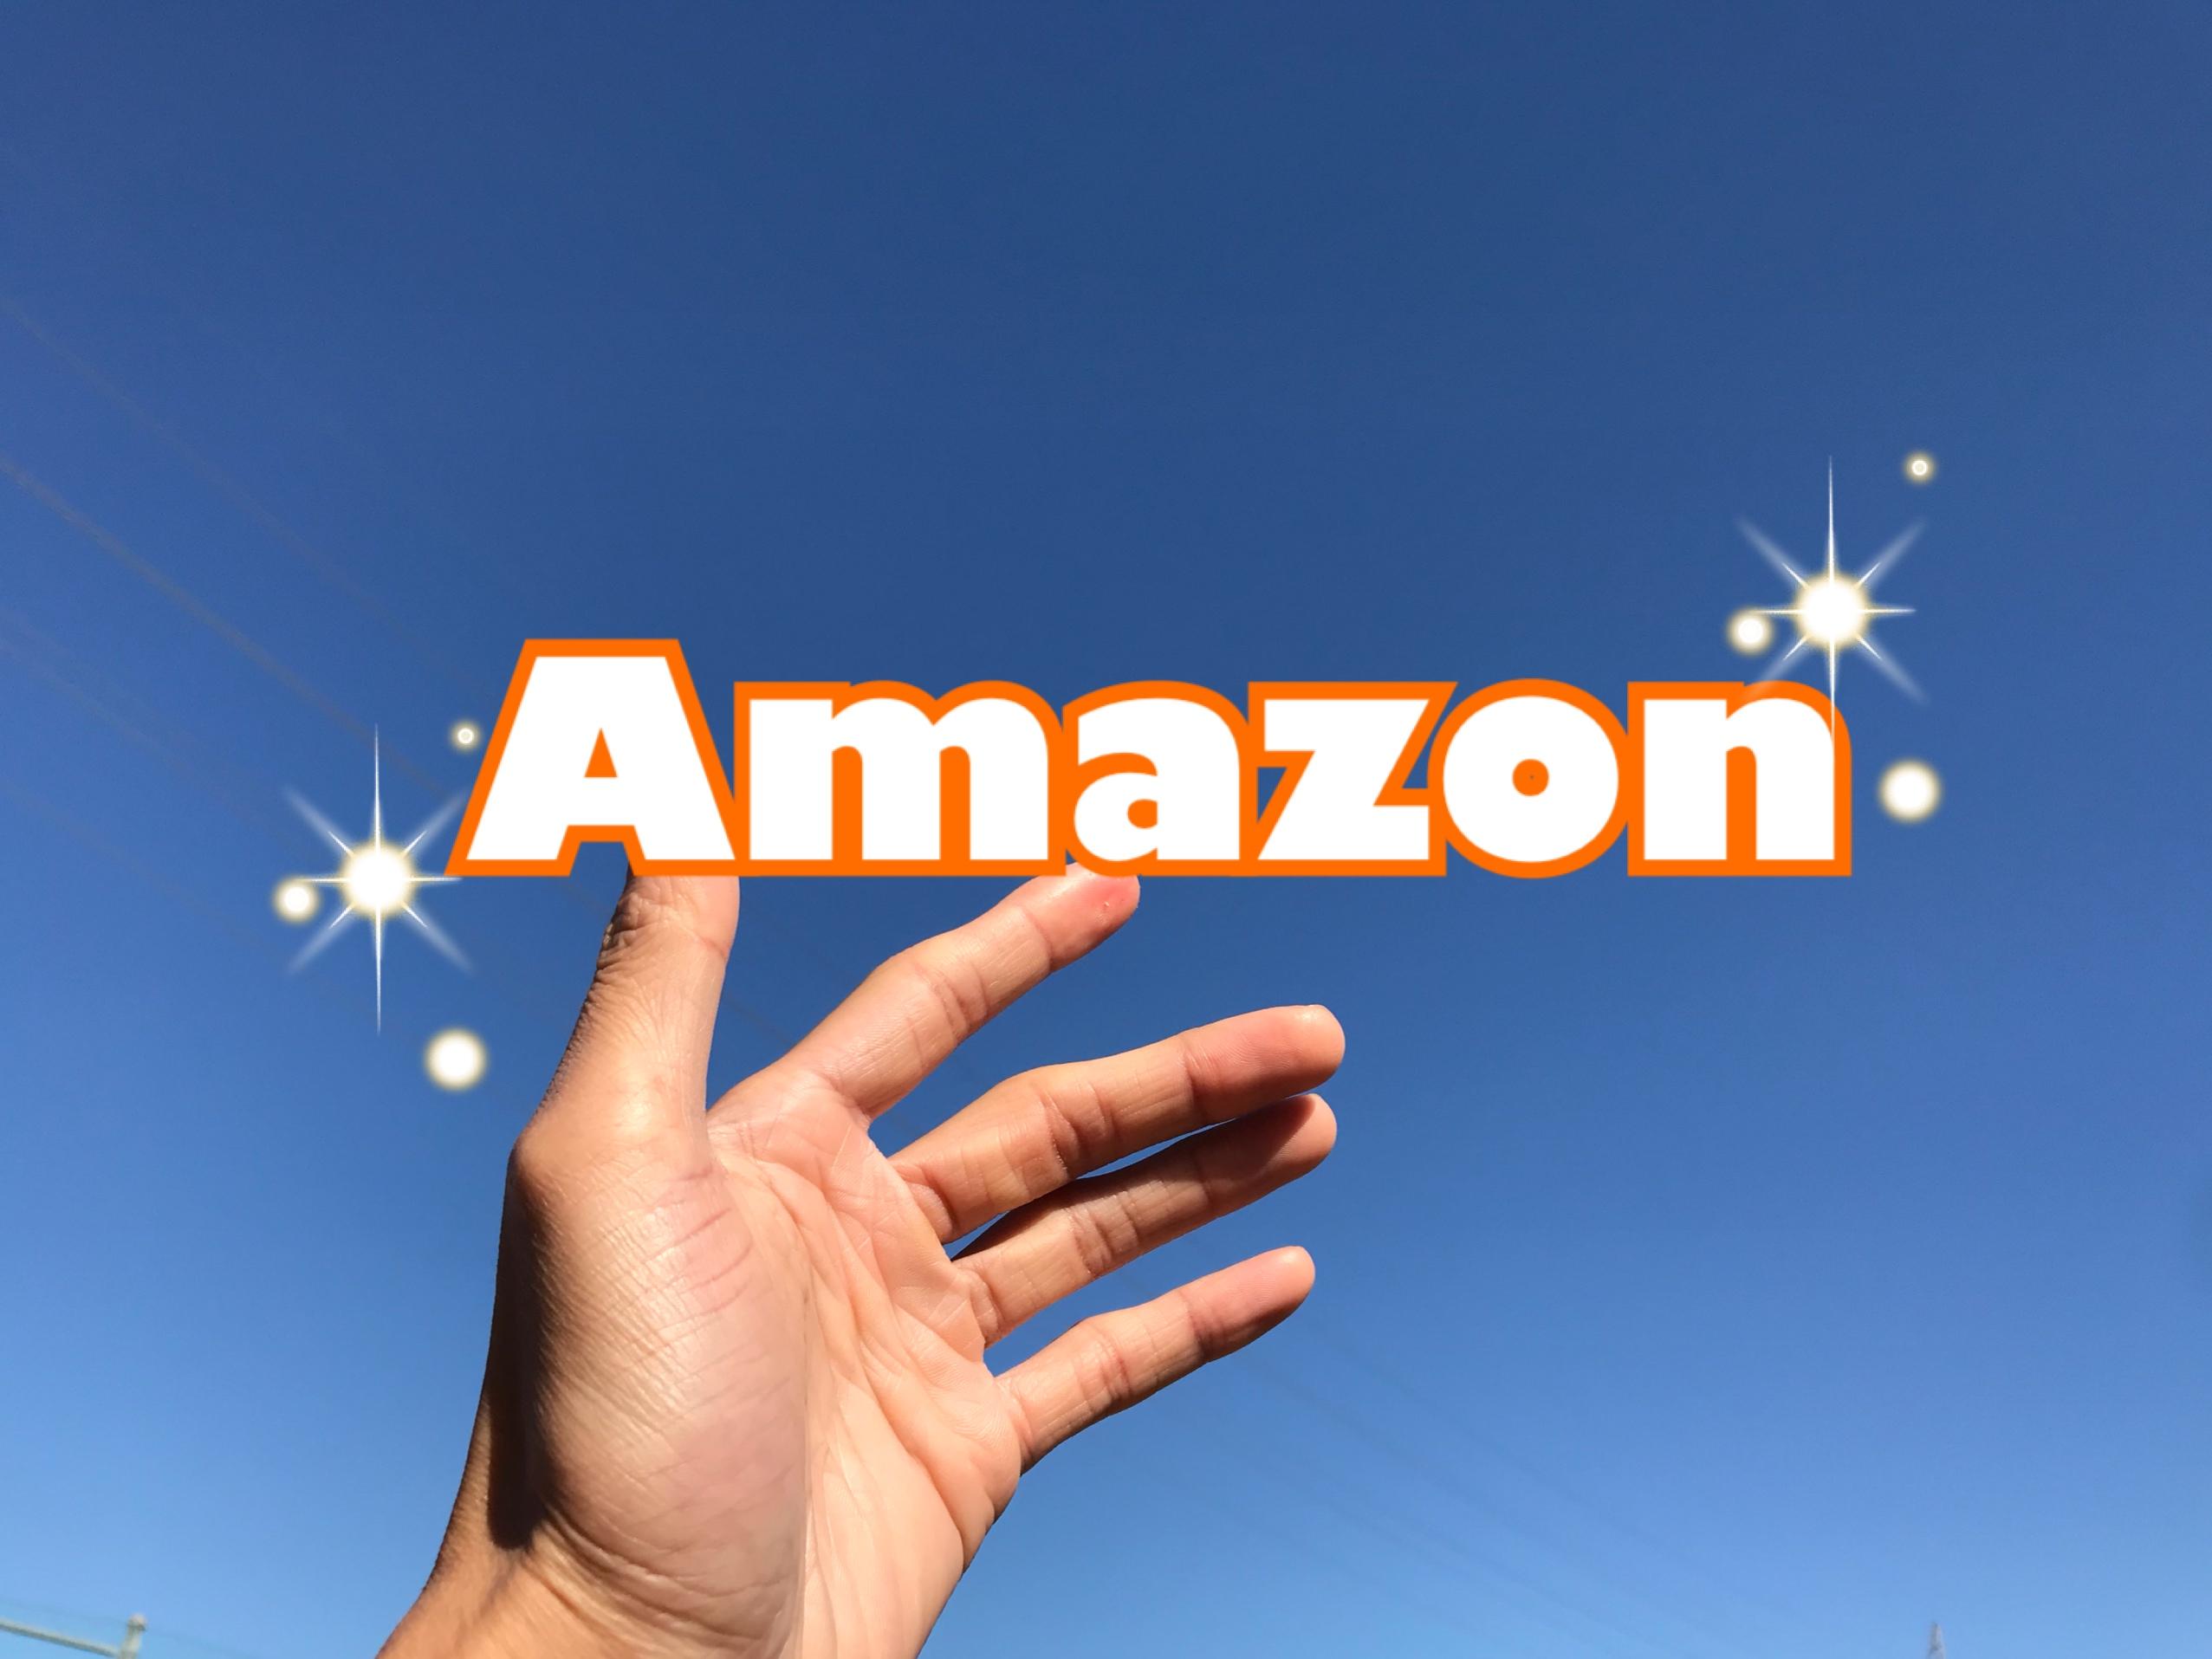 【ギアのまとめ】Amazonで購入可能なULギアをまとめてみた!テント編